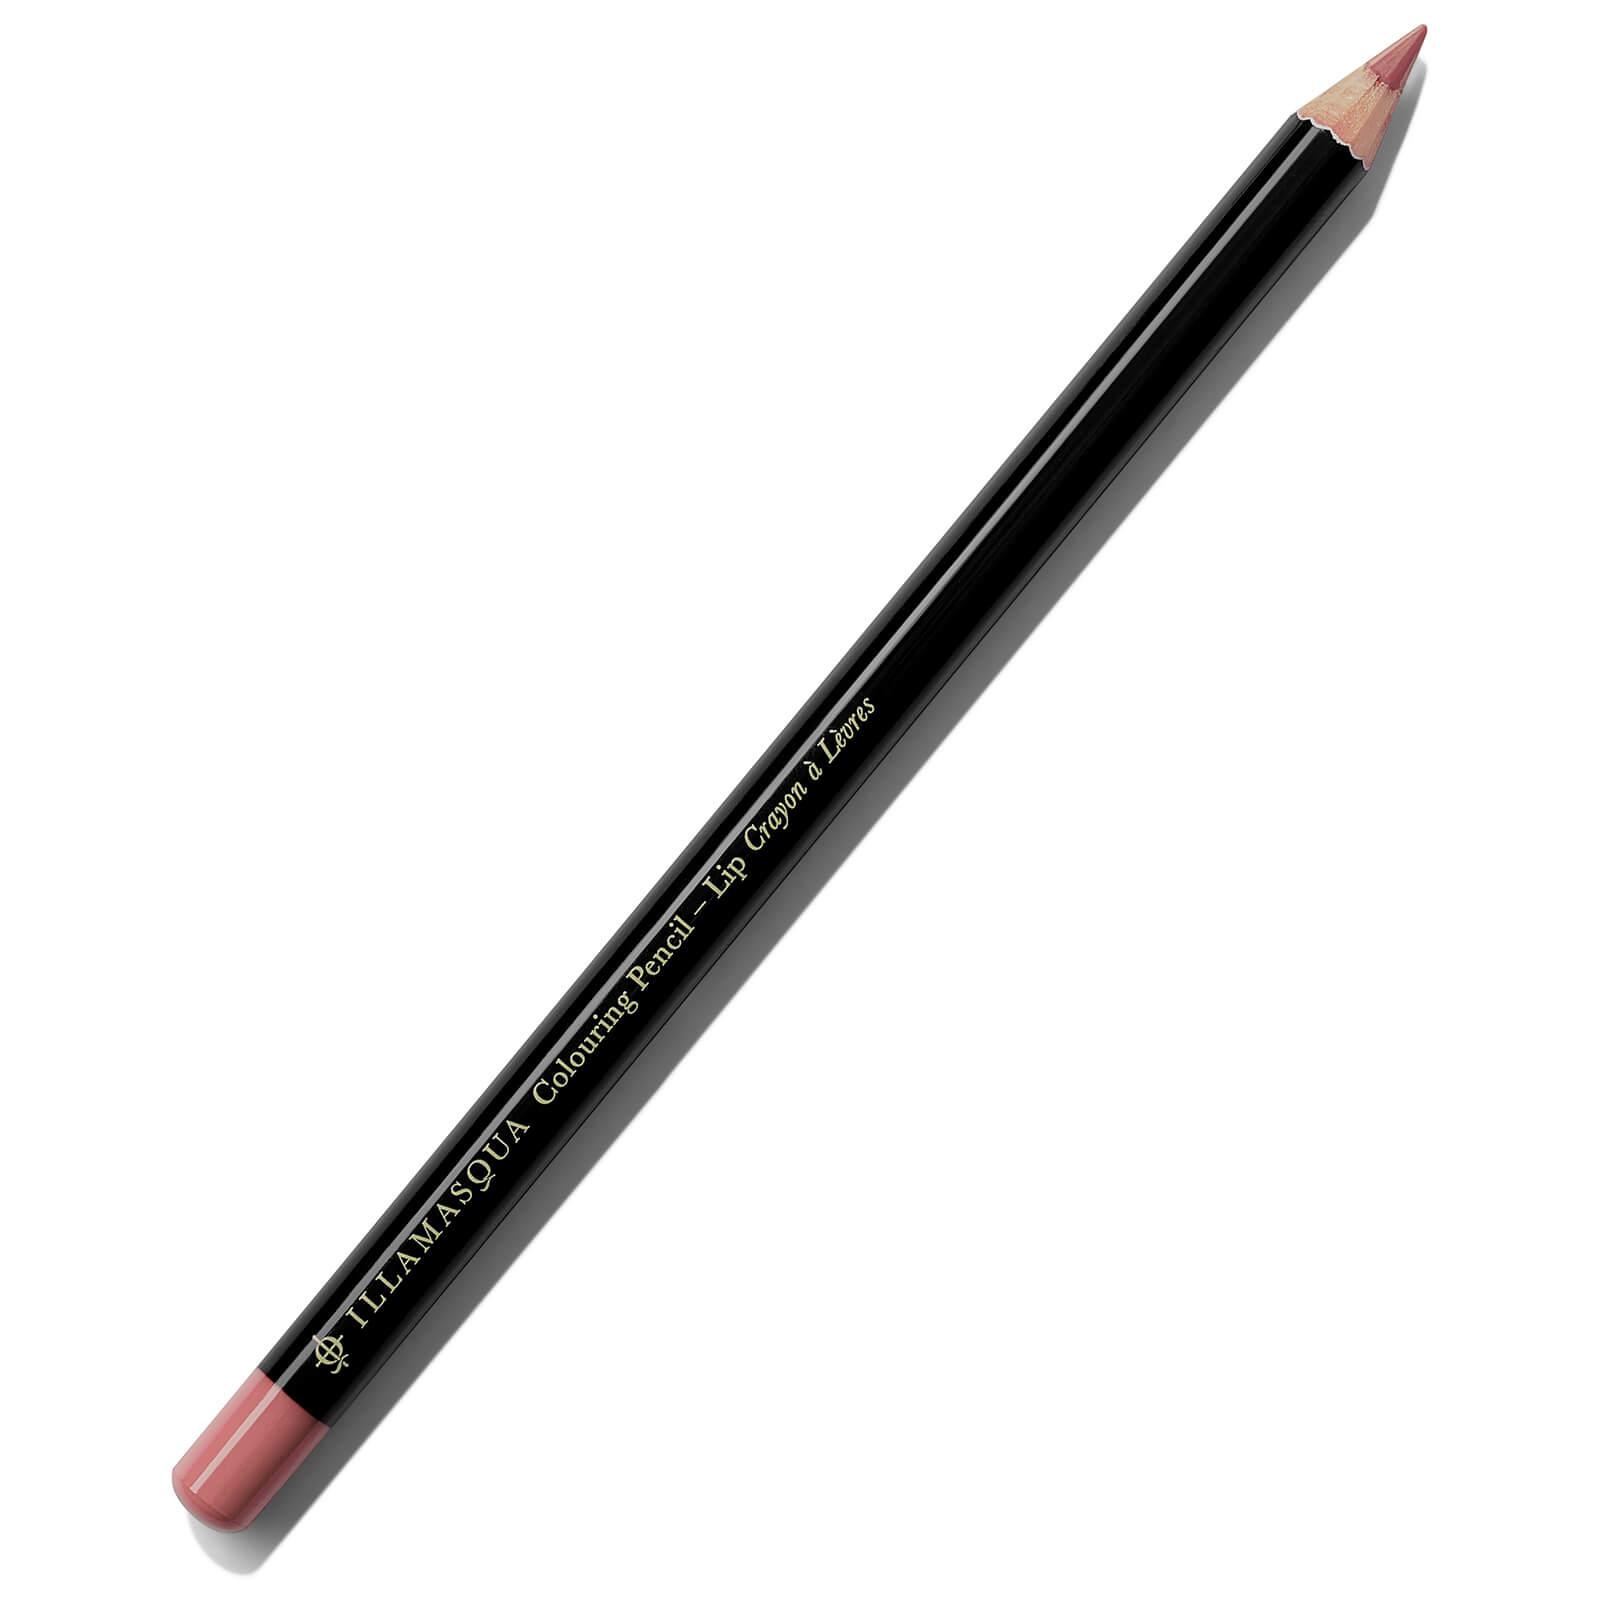 Купить Карандаш для губ Illamasqua Colouring Lip Pencil 1, 4 г (различные оттенки) - Undressed